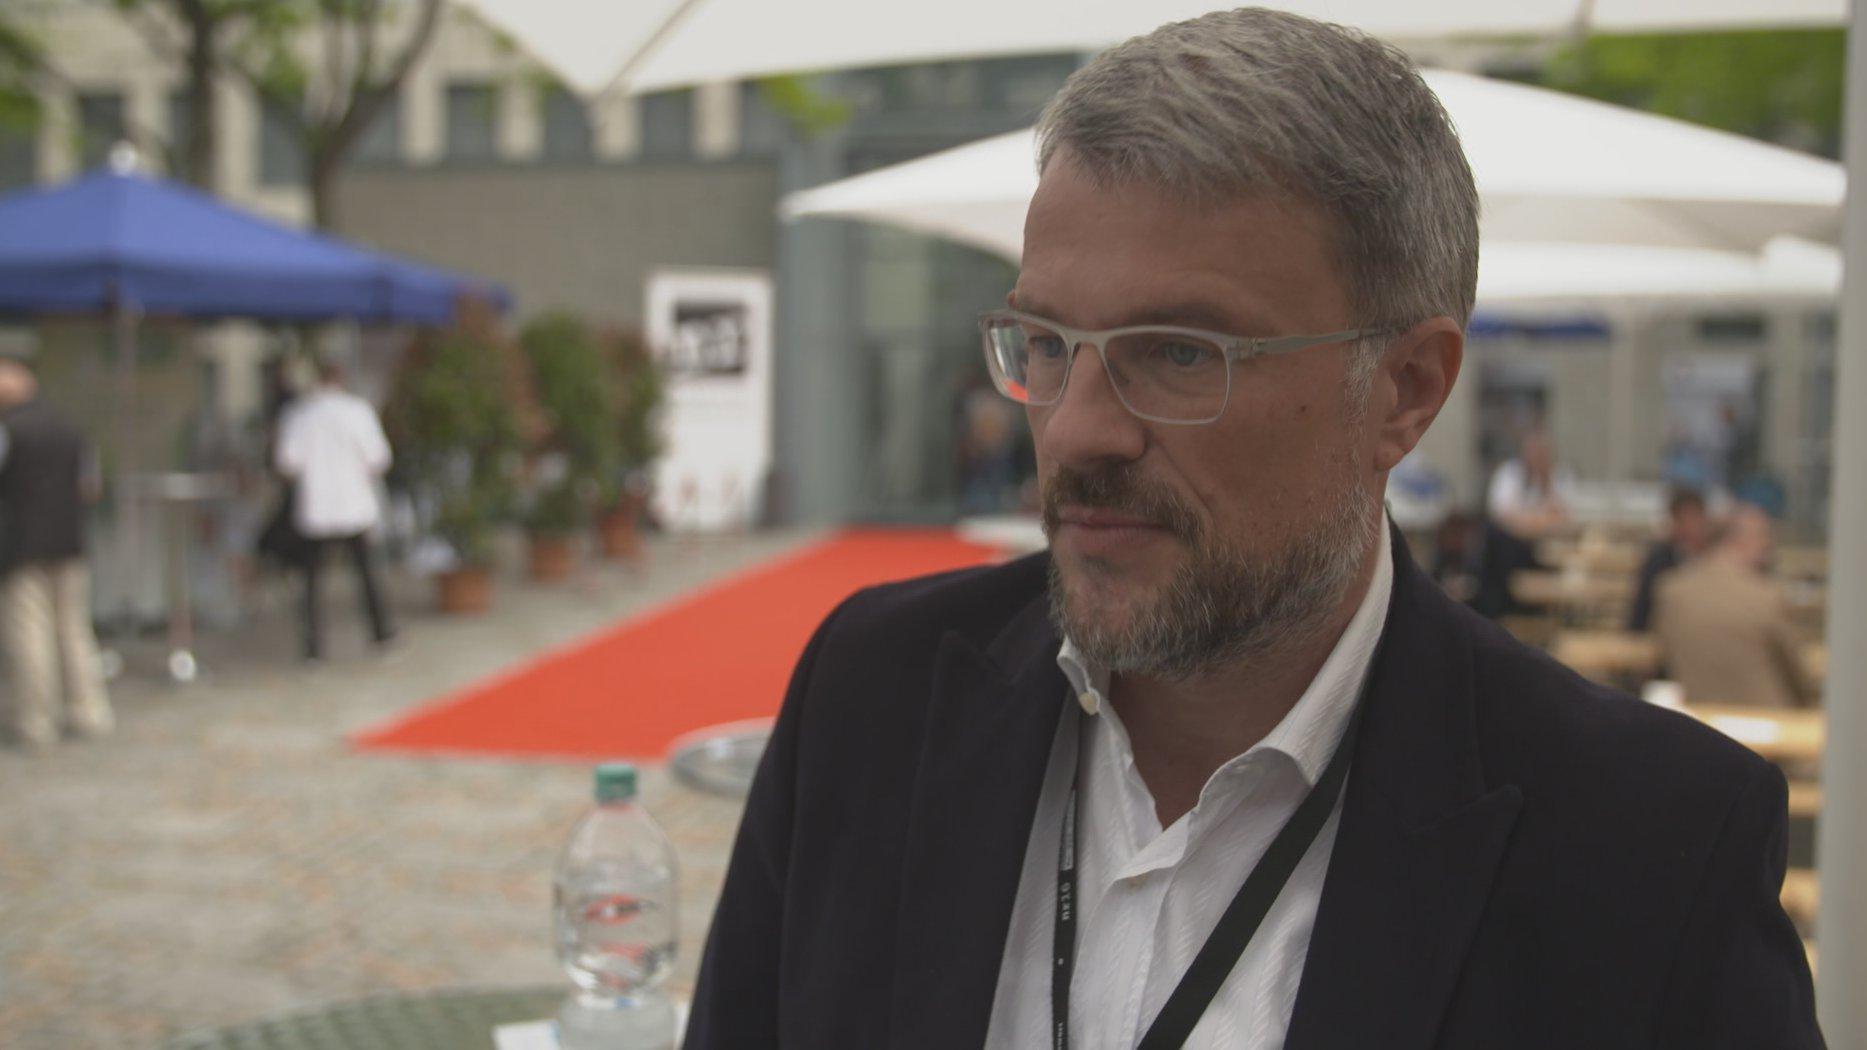 Umfrage: Vertrauensverlust der Medien, Volker Siefert